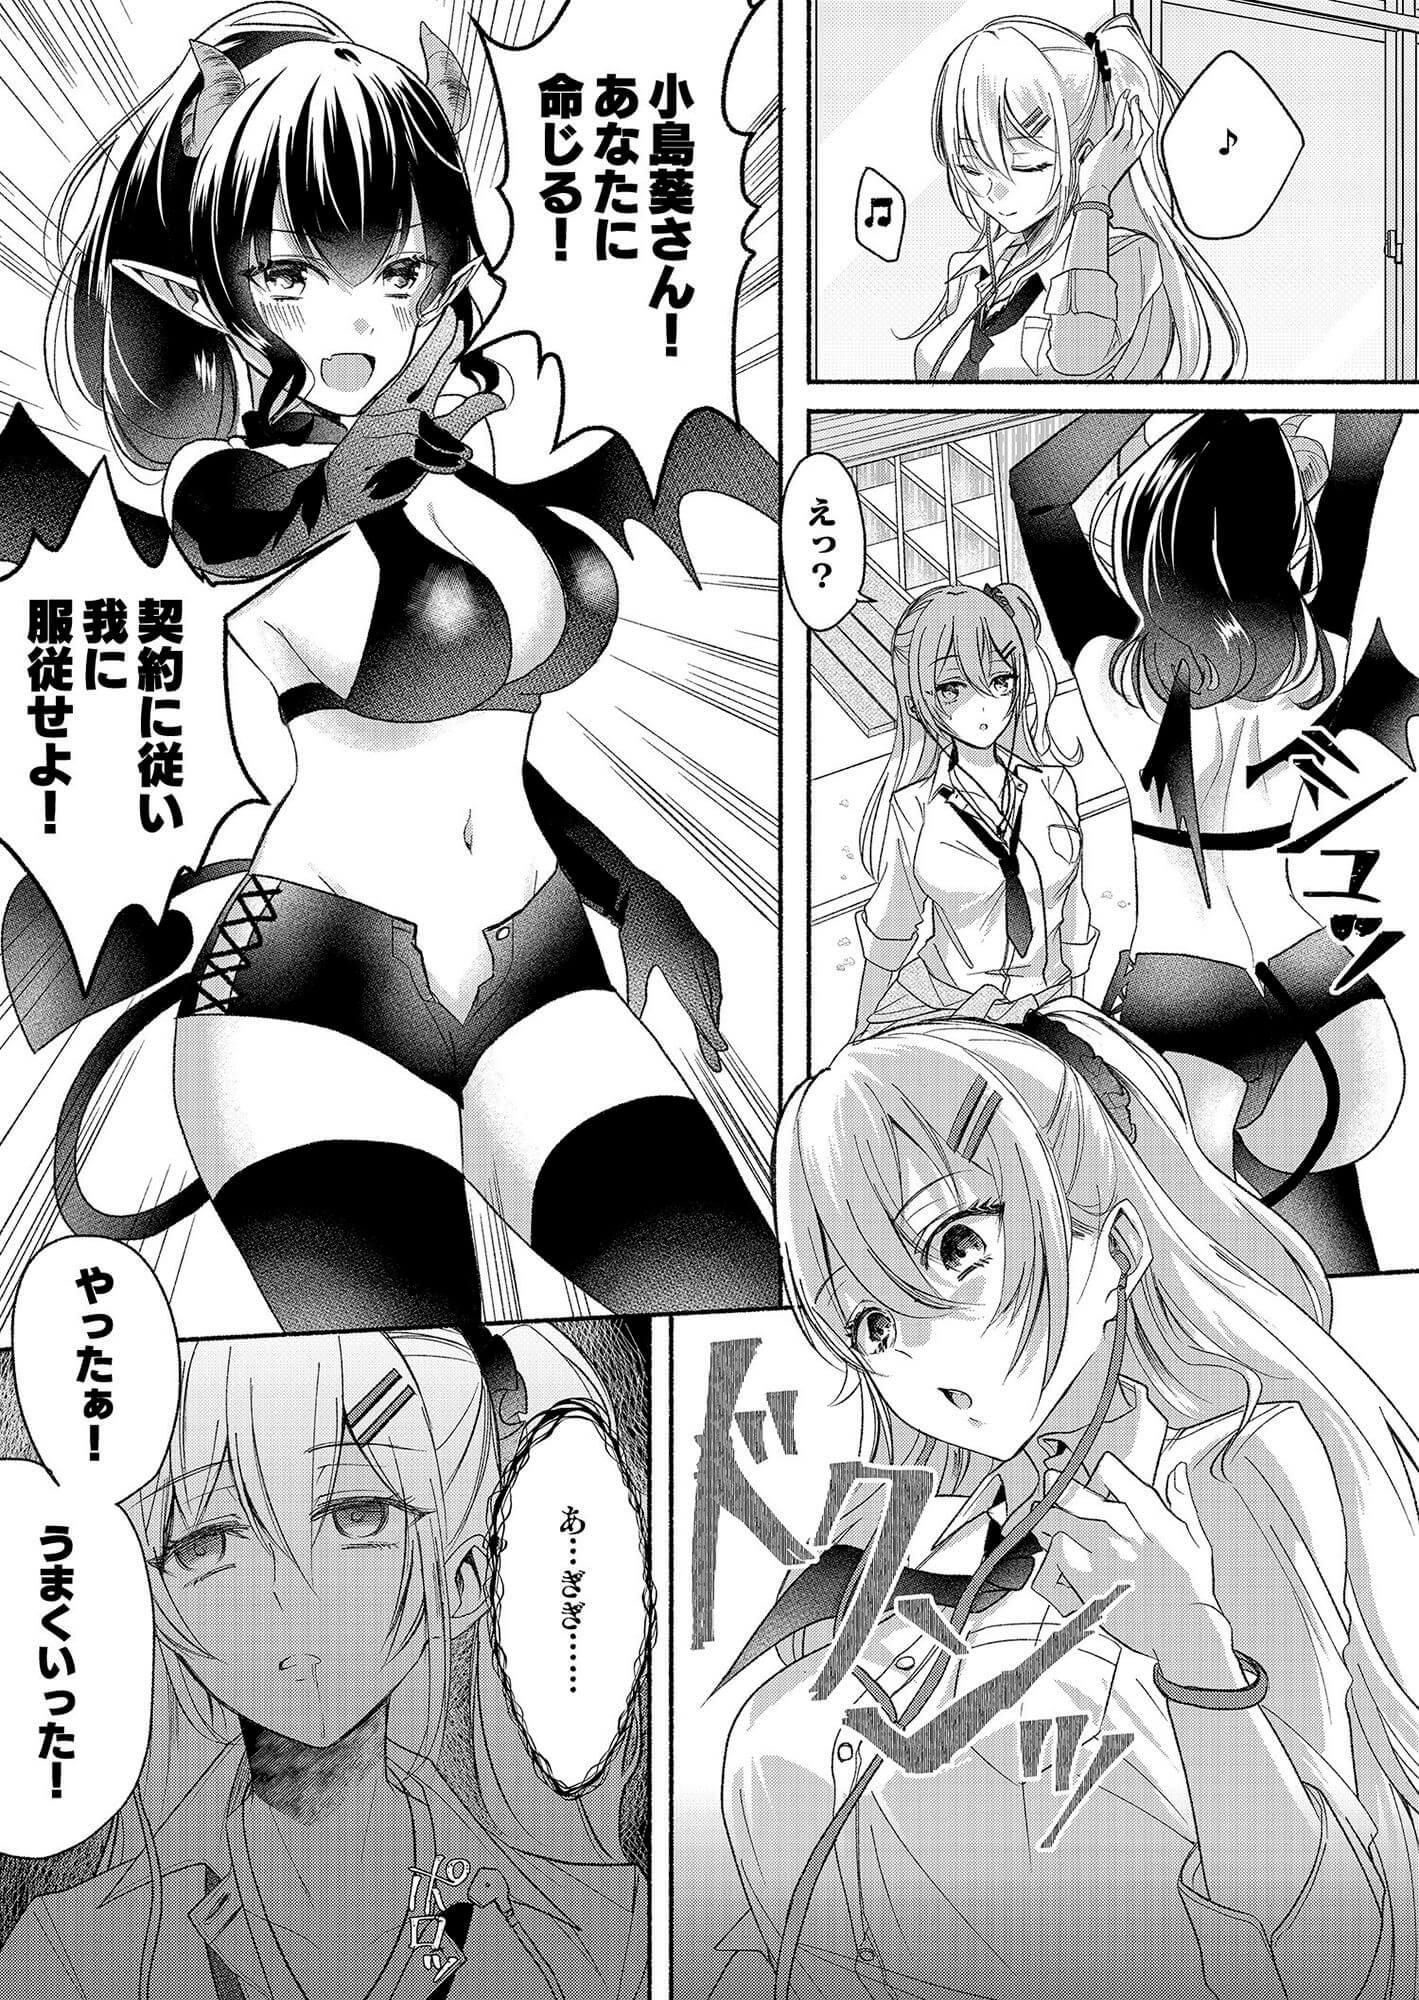 【男嫌いのサキュバスさん 2】可愛い同級生に成り代わる素人サキュバス主人公です!!